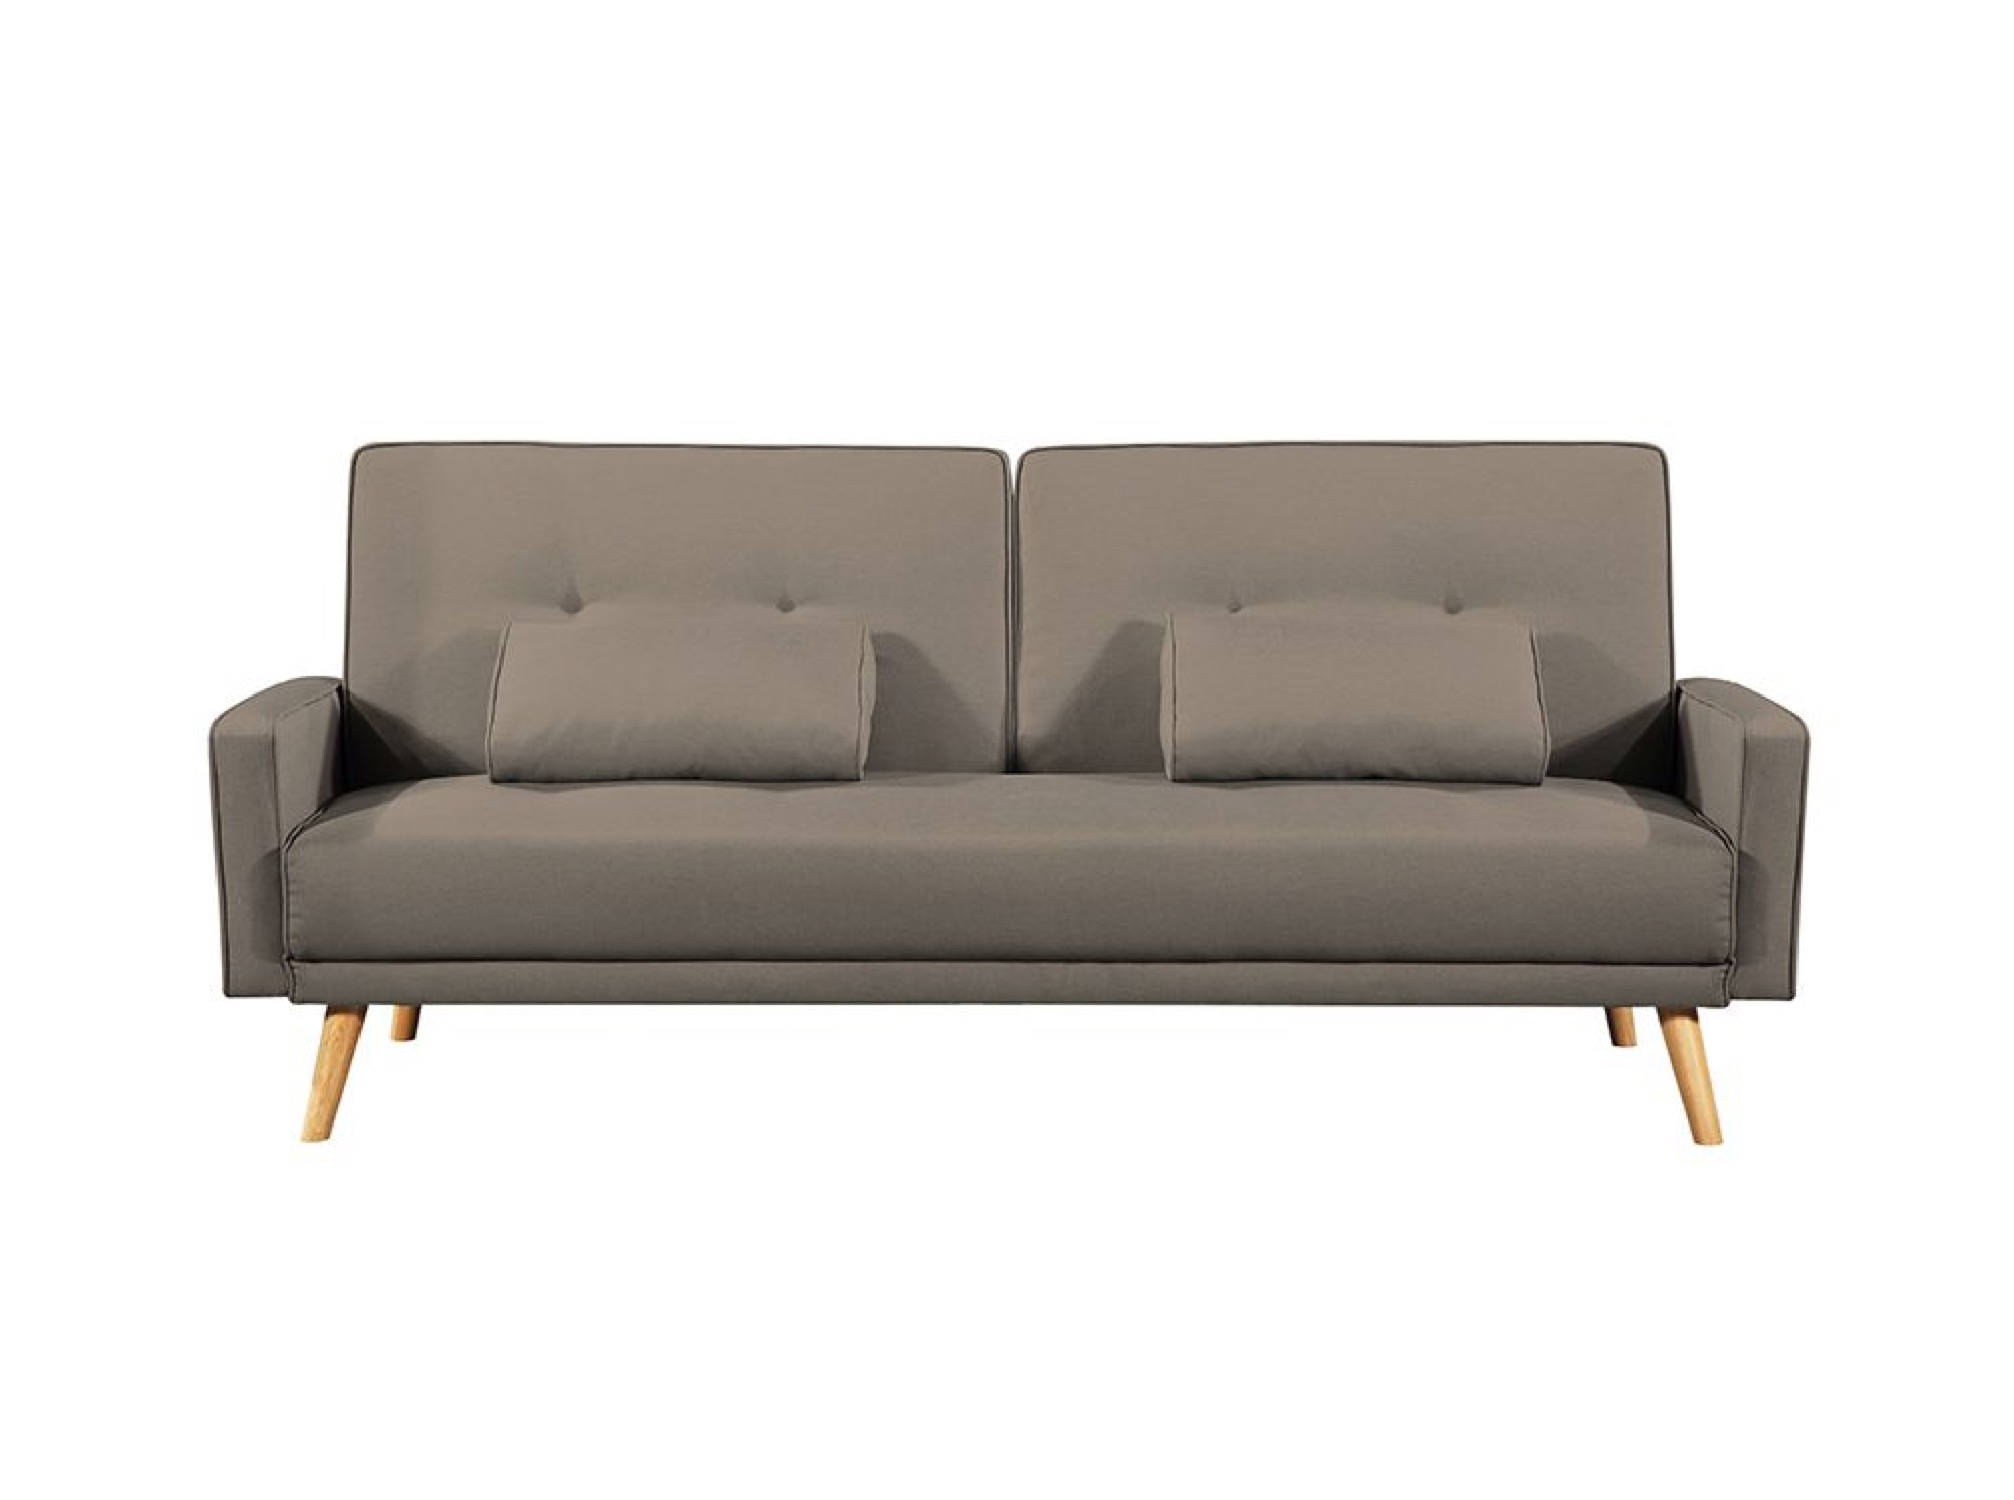 Canapé droit convertible 3 places en tissu taupe